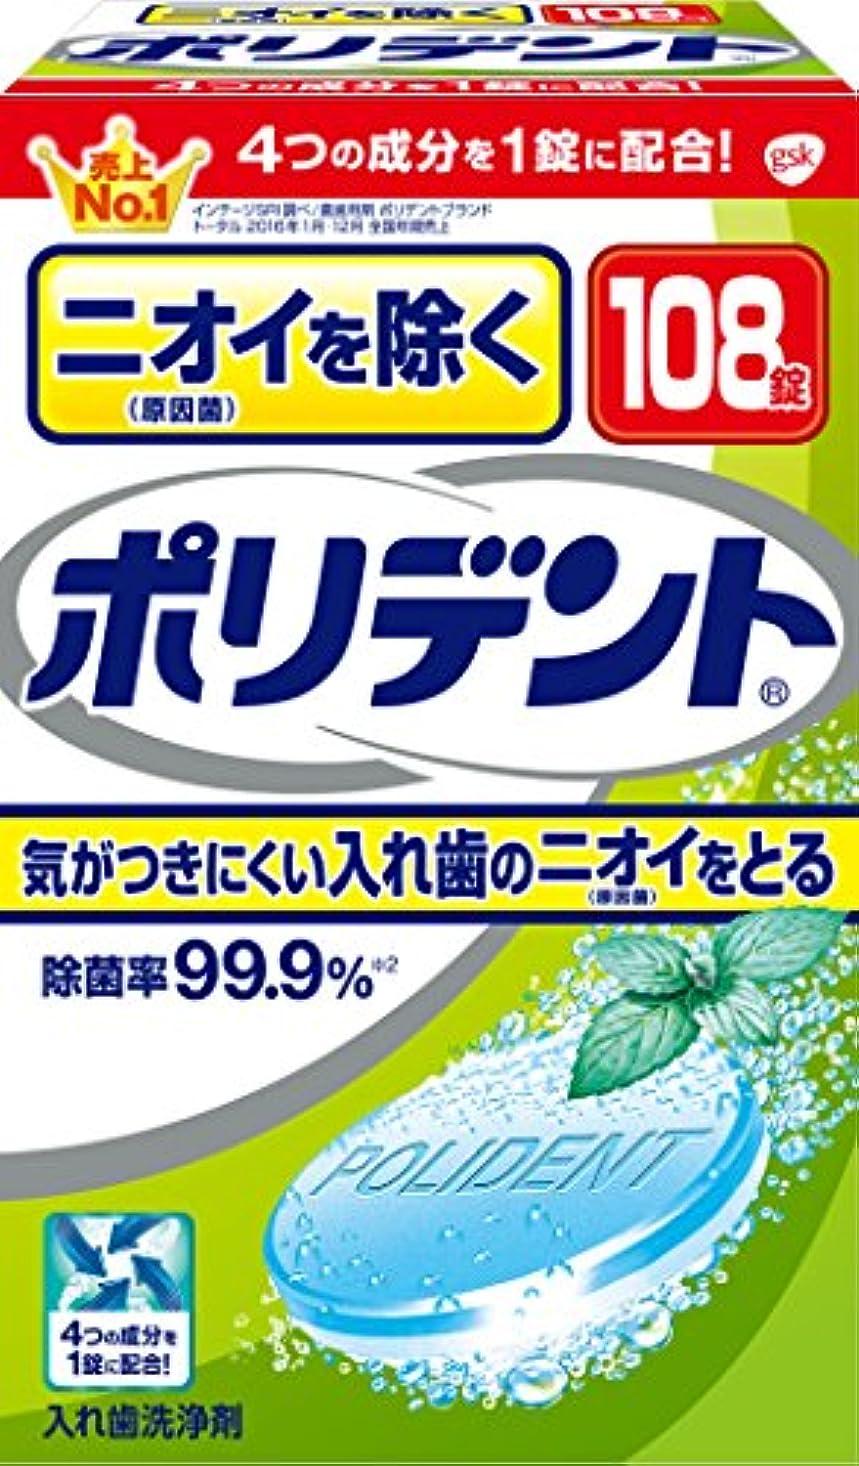 鎖目を覚ますさらに入れ歯洗浄剤 ニオイを除く ポリデント 108錠